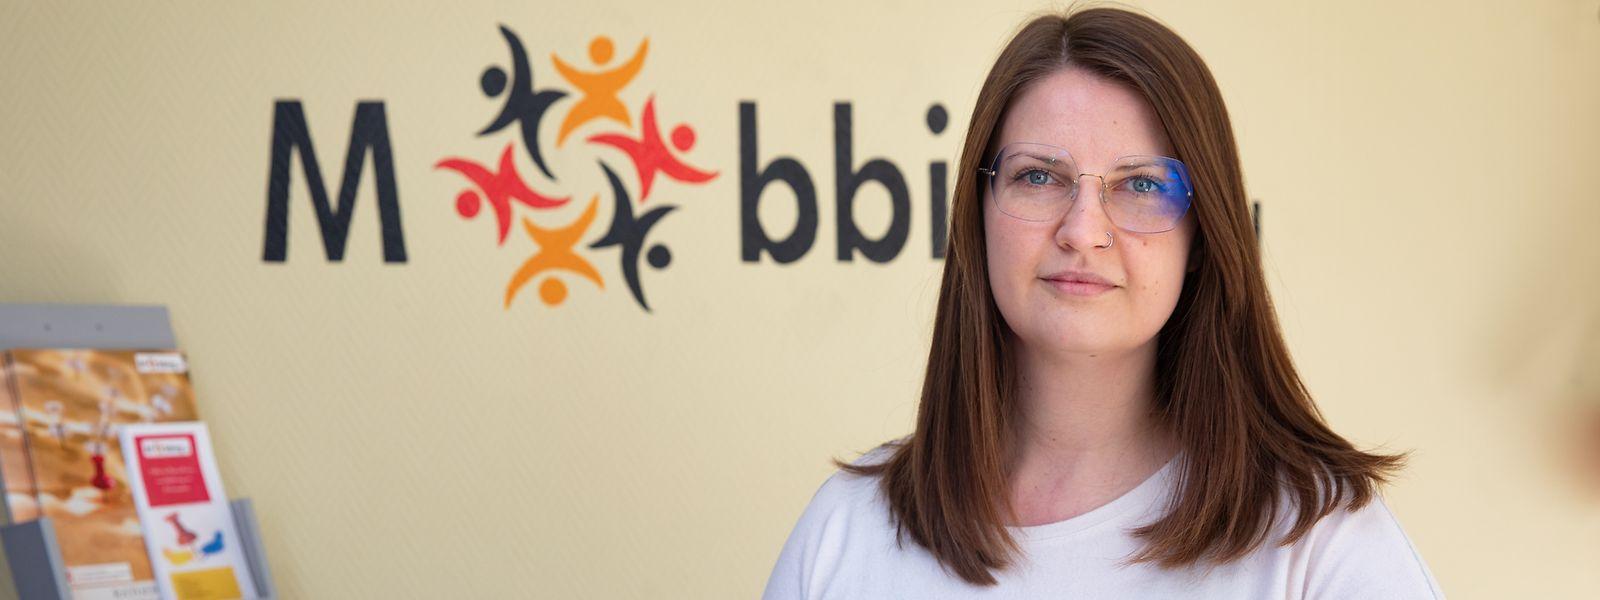 Magdalena Mida, directrice de Mobbing asbl, plaide pour la mise en place d'une loi basée sur «la prévention, la protection, la réglementation et des sanctions».